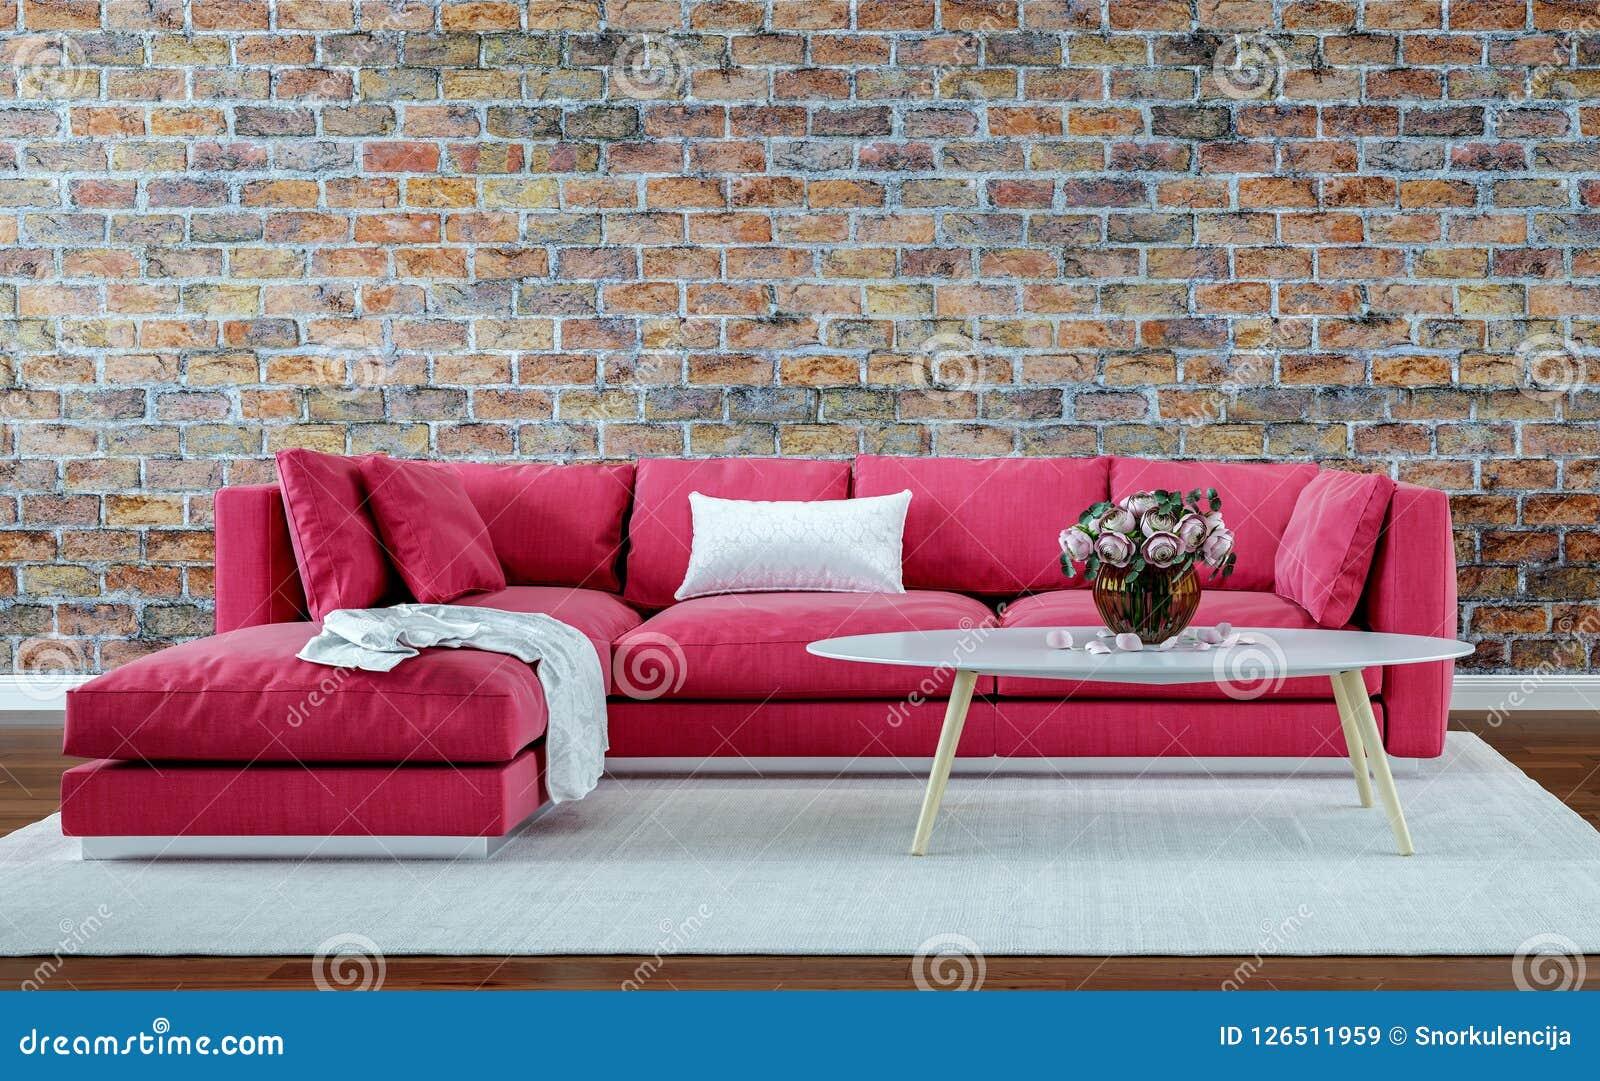 Moderne binnenlandse ontwerpwoonkamer, oude bakstenen muur, retro stijl, rode bank